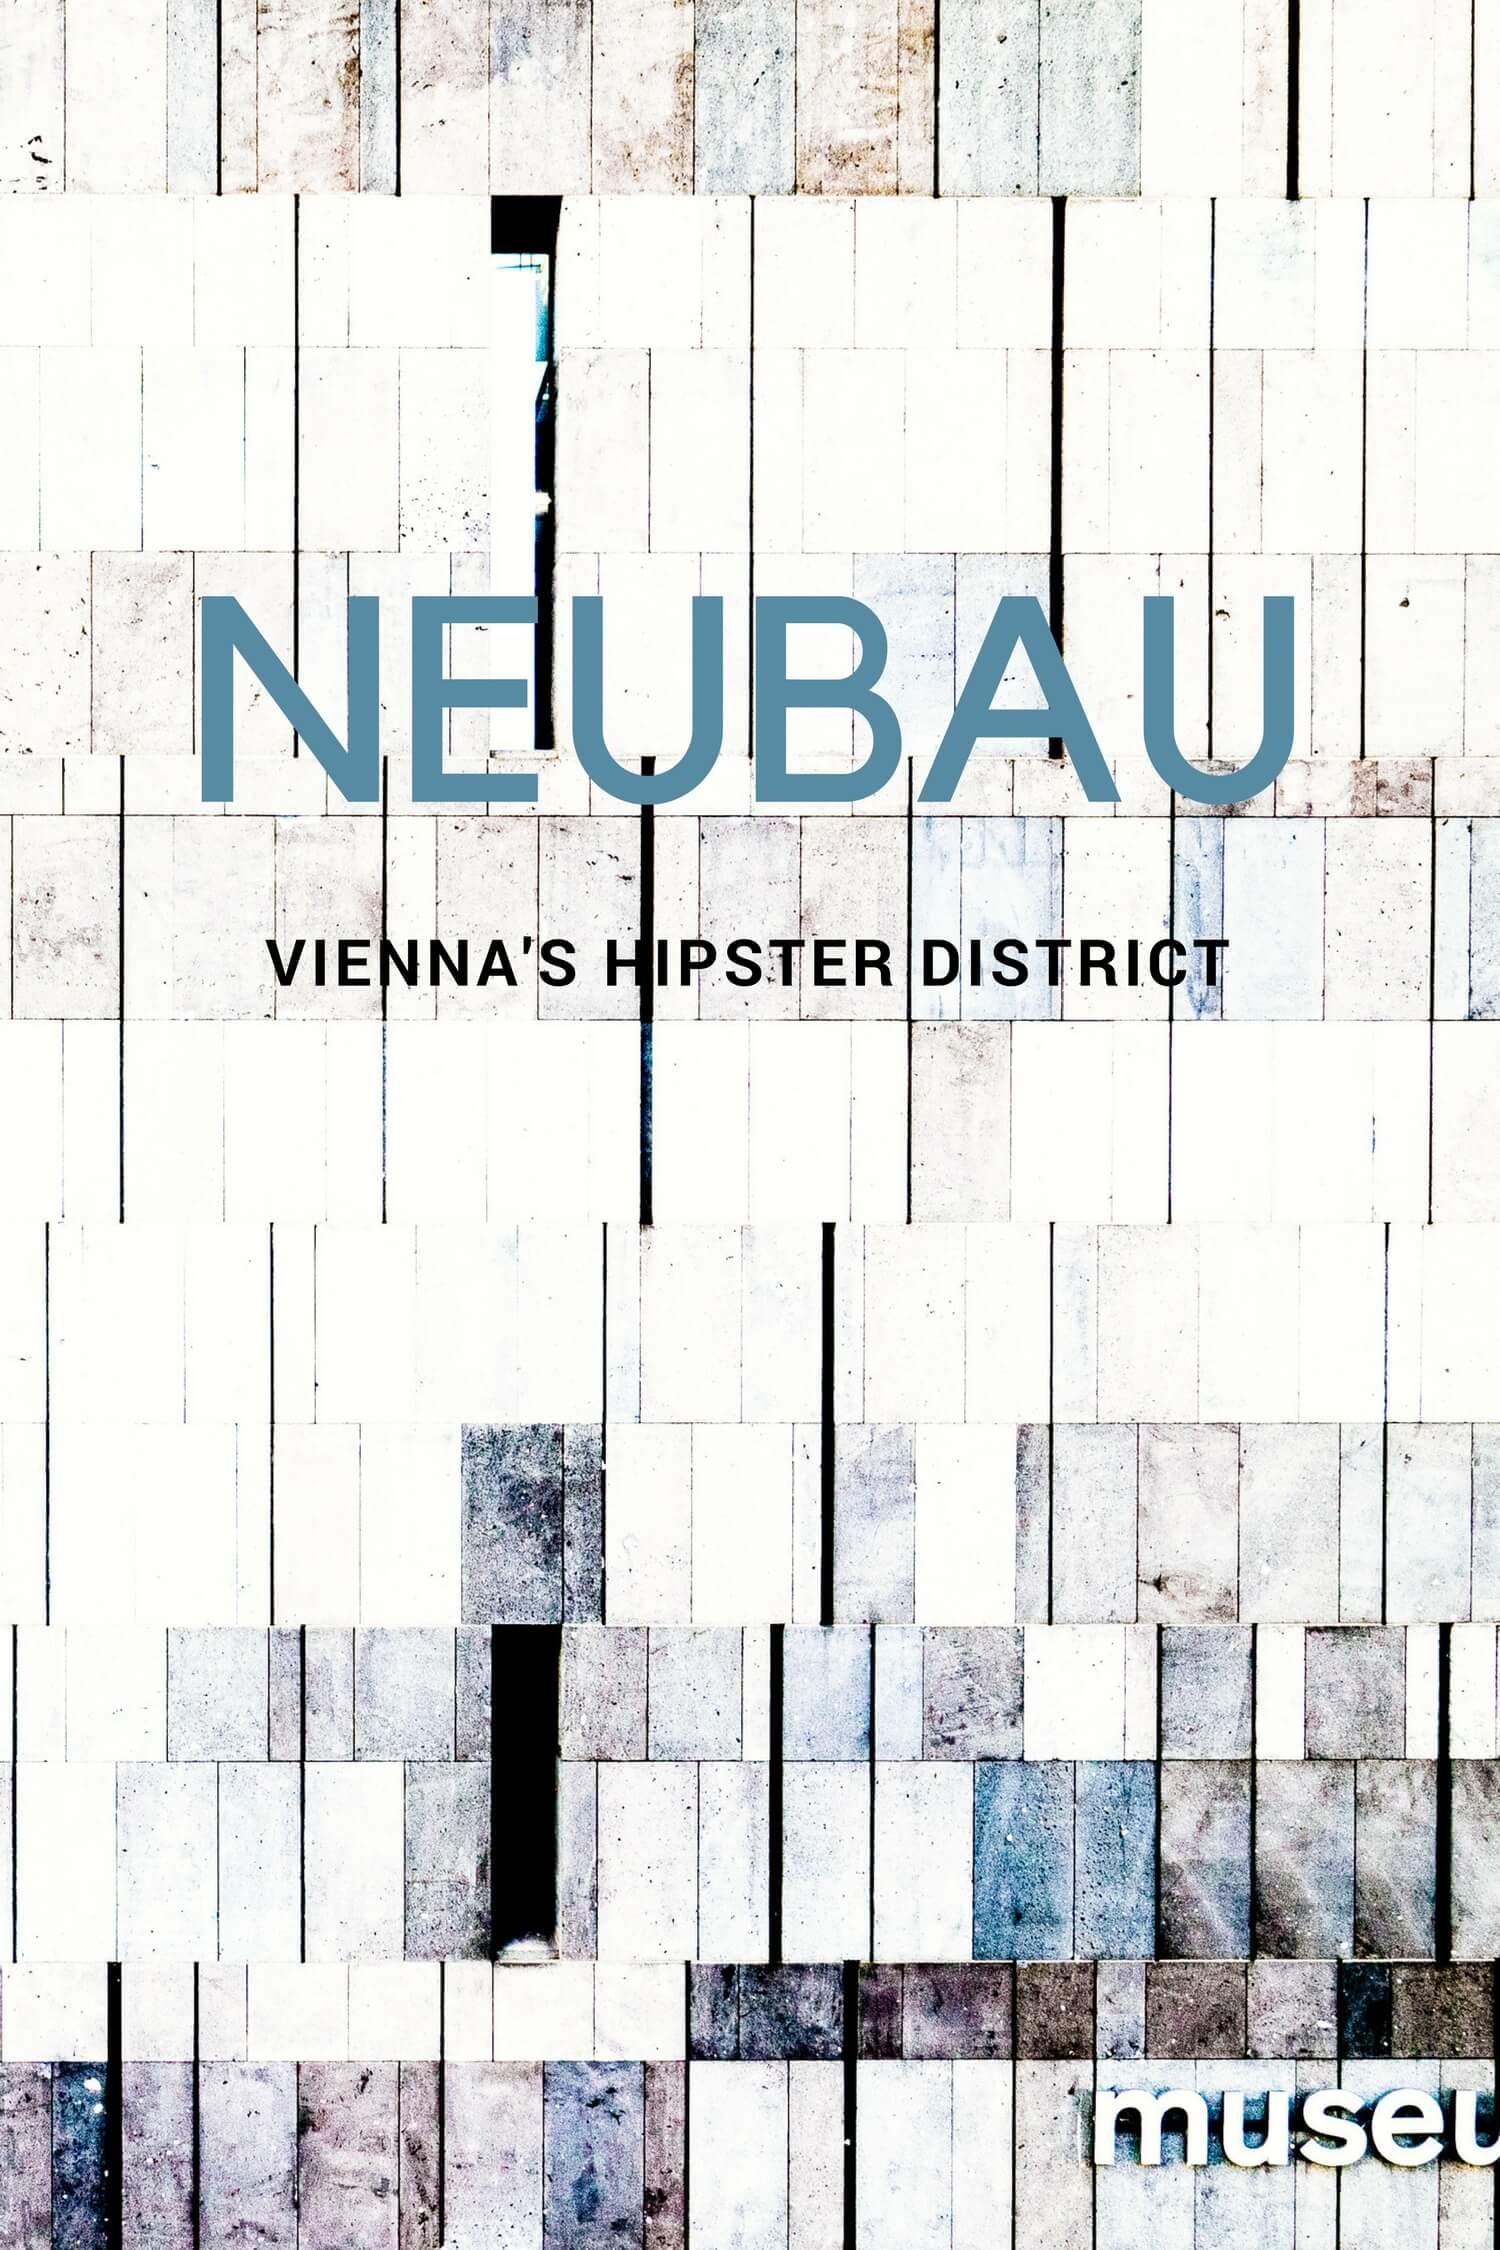 Neubau: Vienna's Hipster District